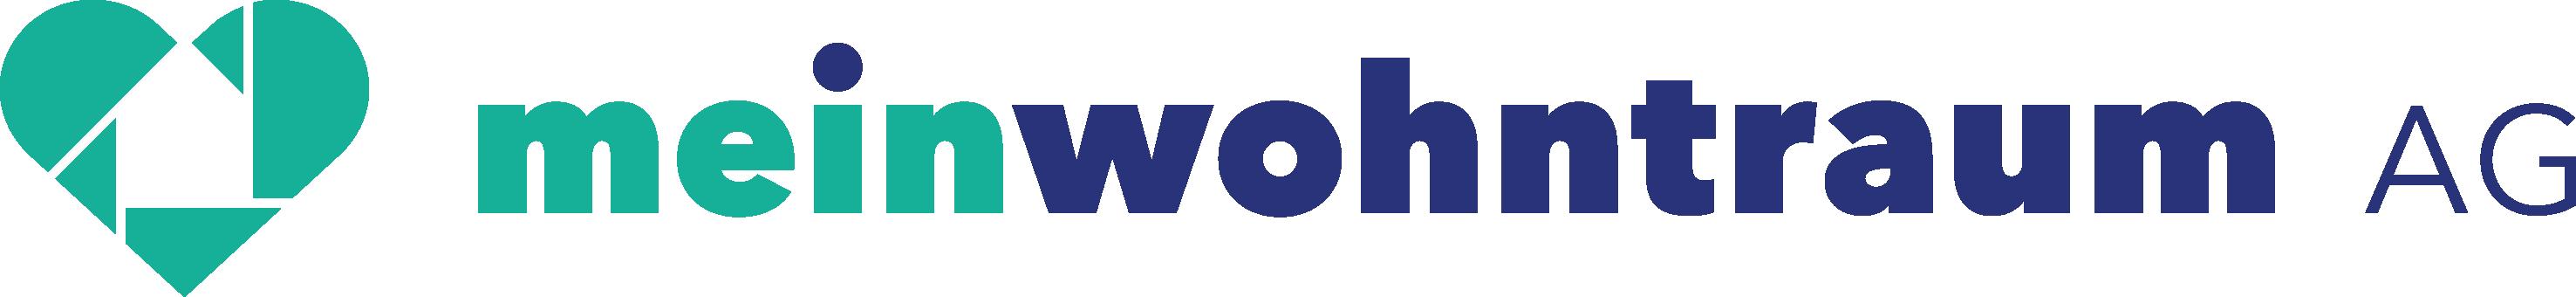 meinwohntraum AG Logo